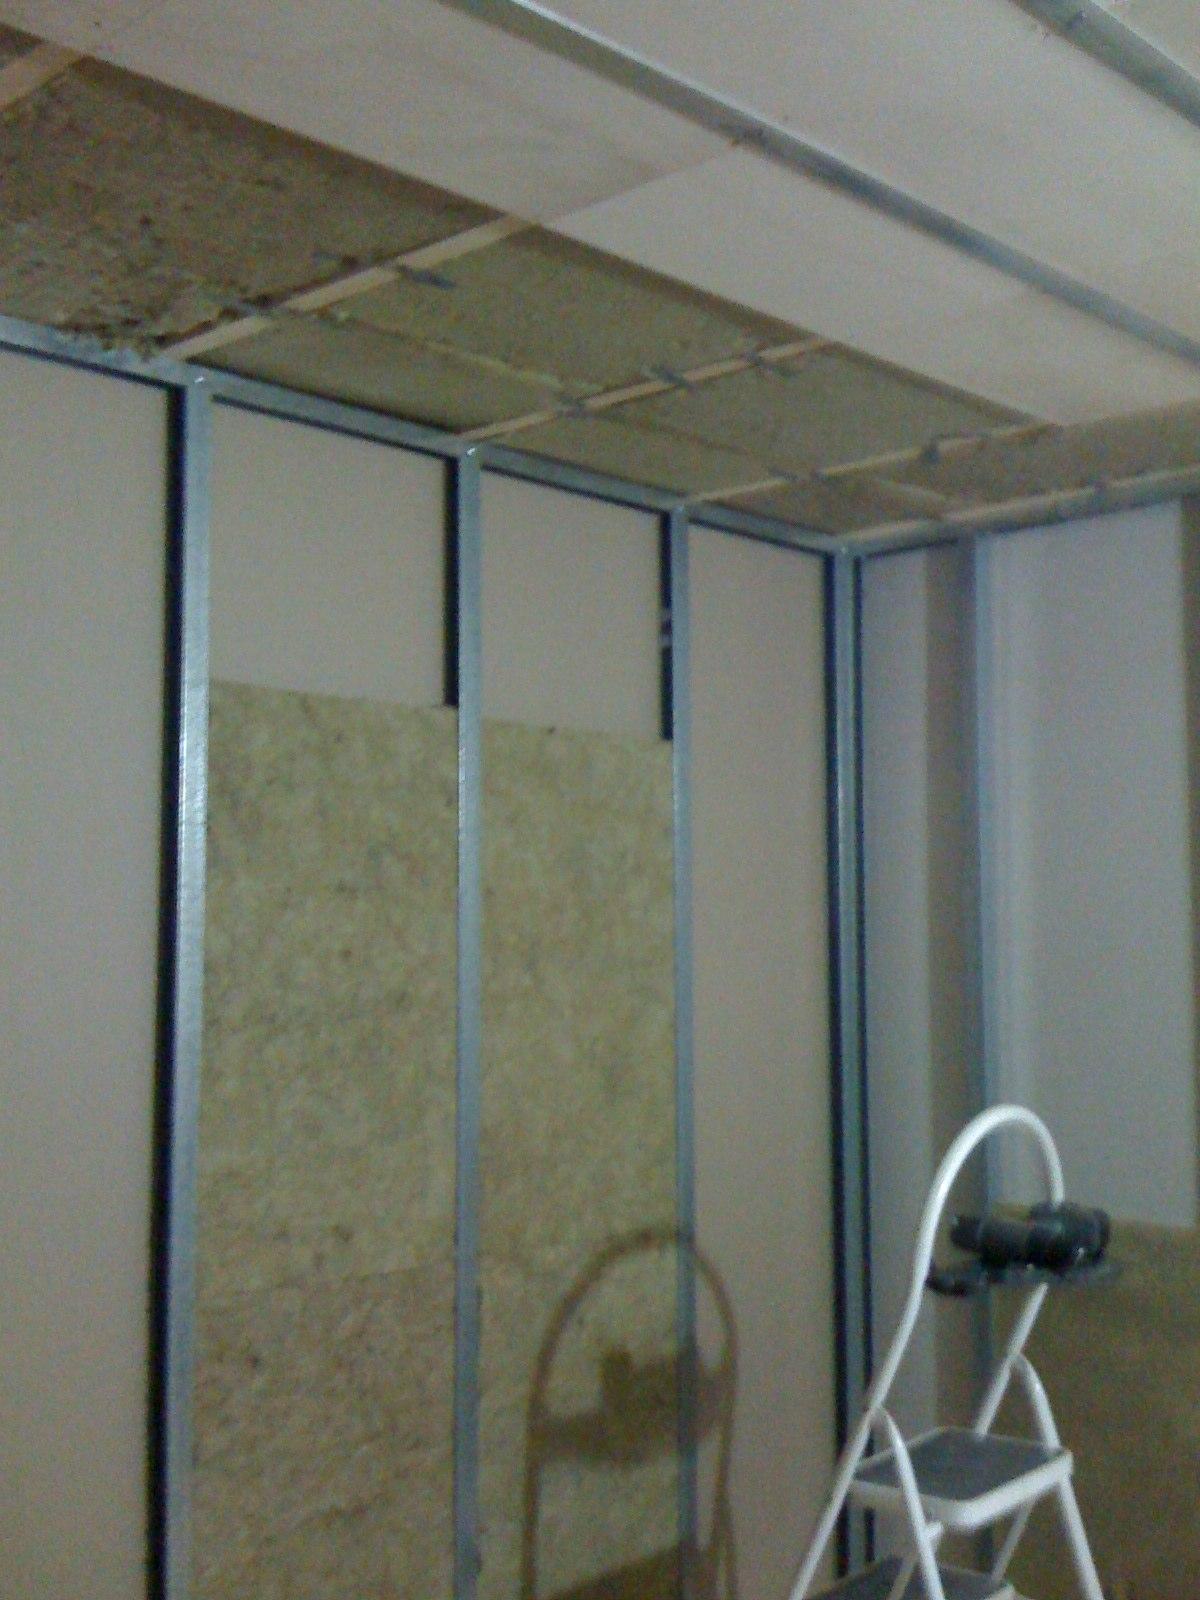 Insonorizzare il soffitto 28 images sorgedil insonorizzazione tetti isolamento acustico ed - Sala insonorizzata ...